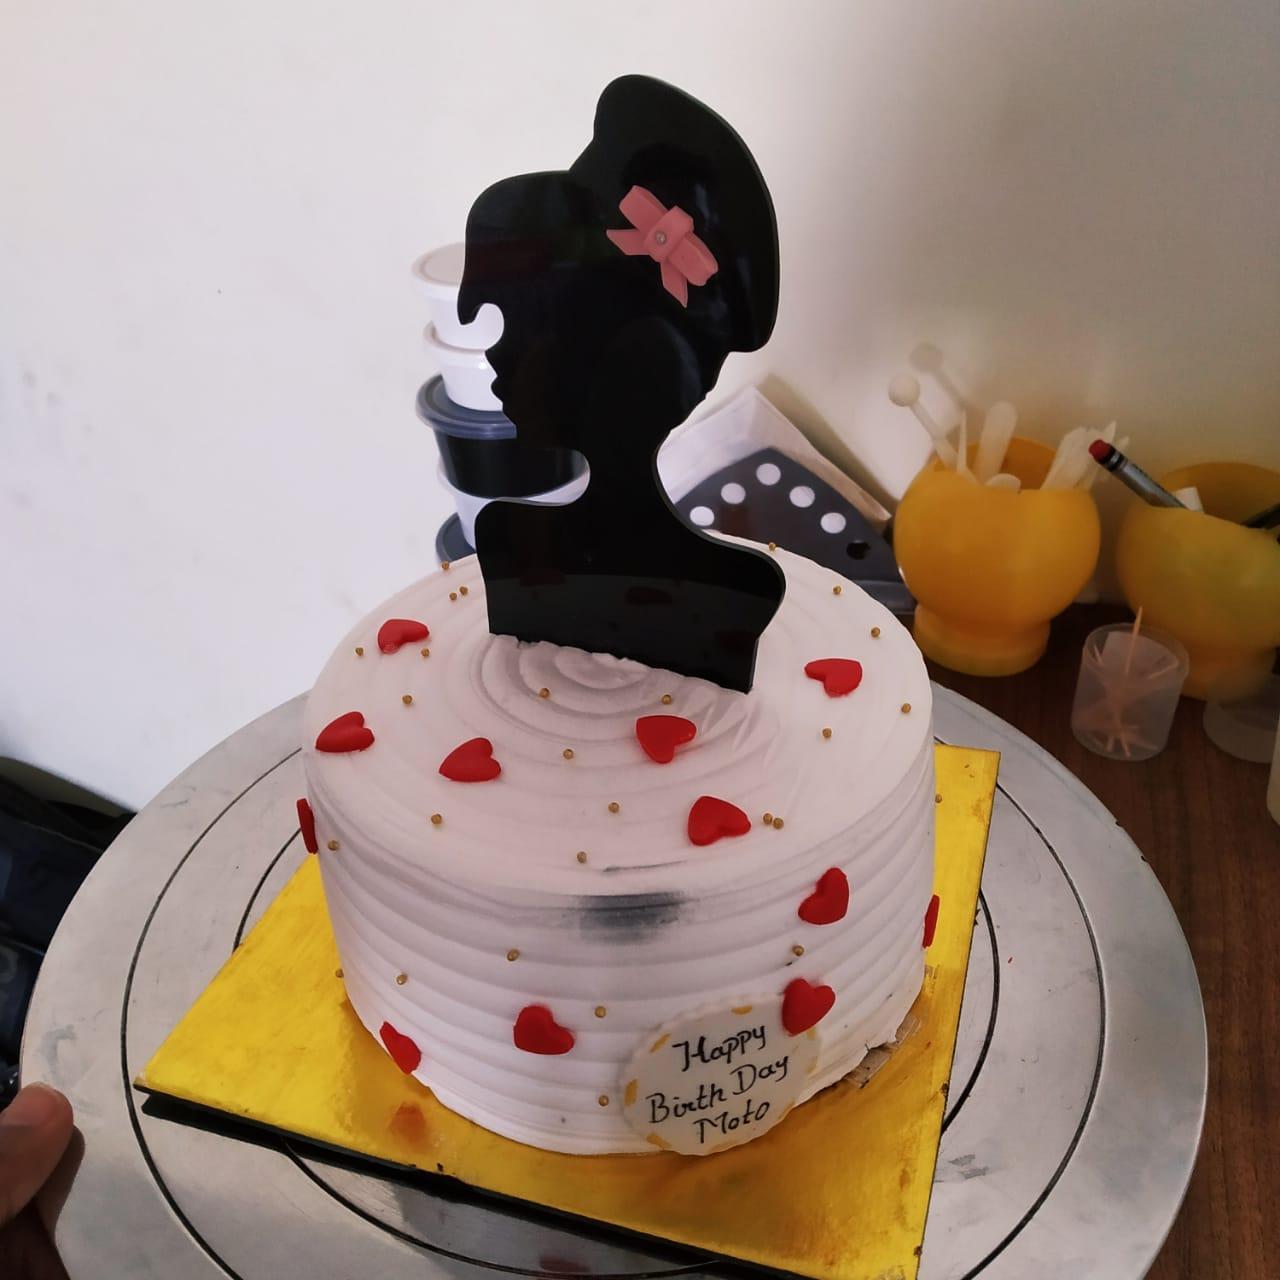 Princess Cake (500 Gm,Pineapple)